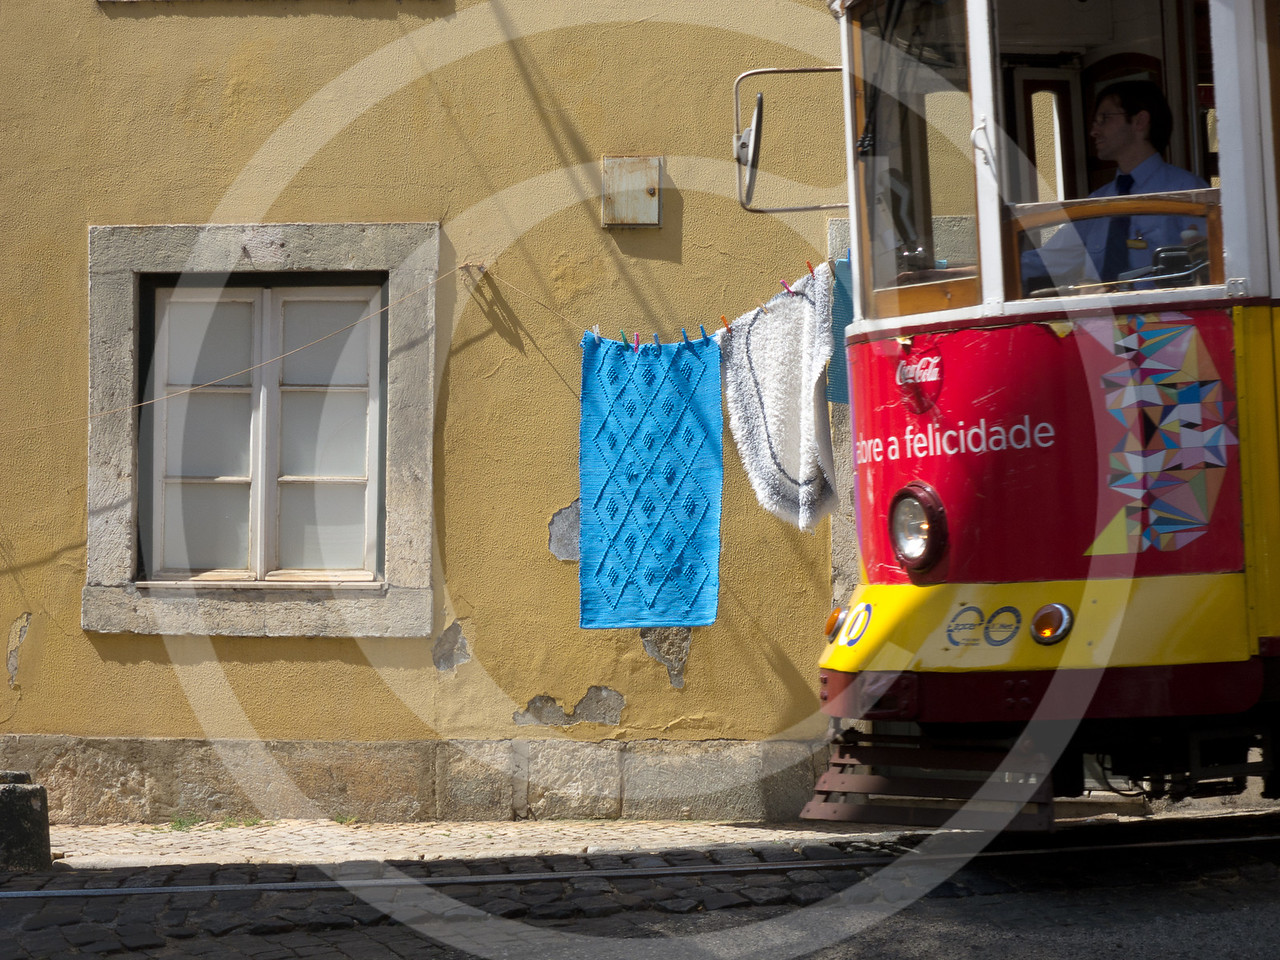 Lisboa04201116-134